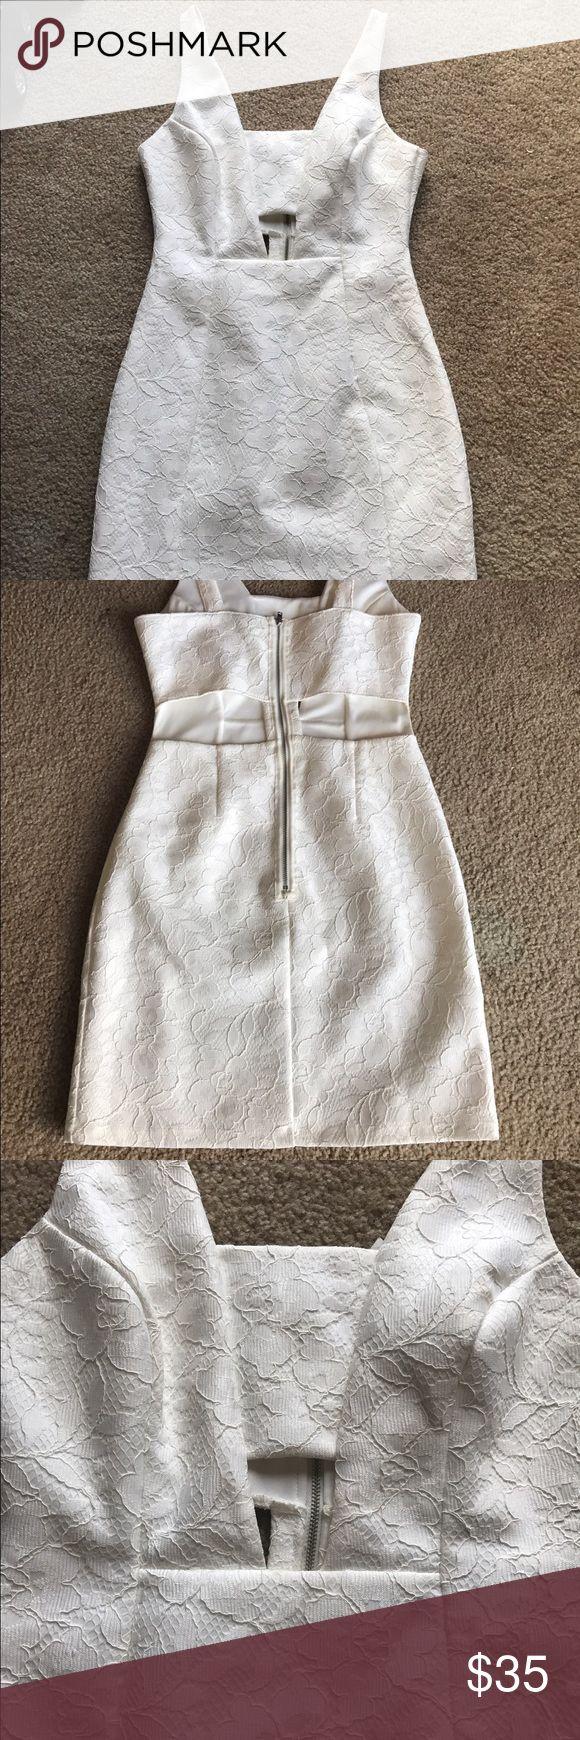 Top shop dress!Flash sale! Great condition! Topshop Dresses Midi